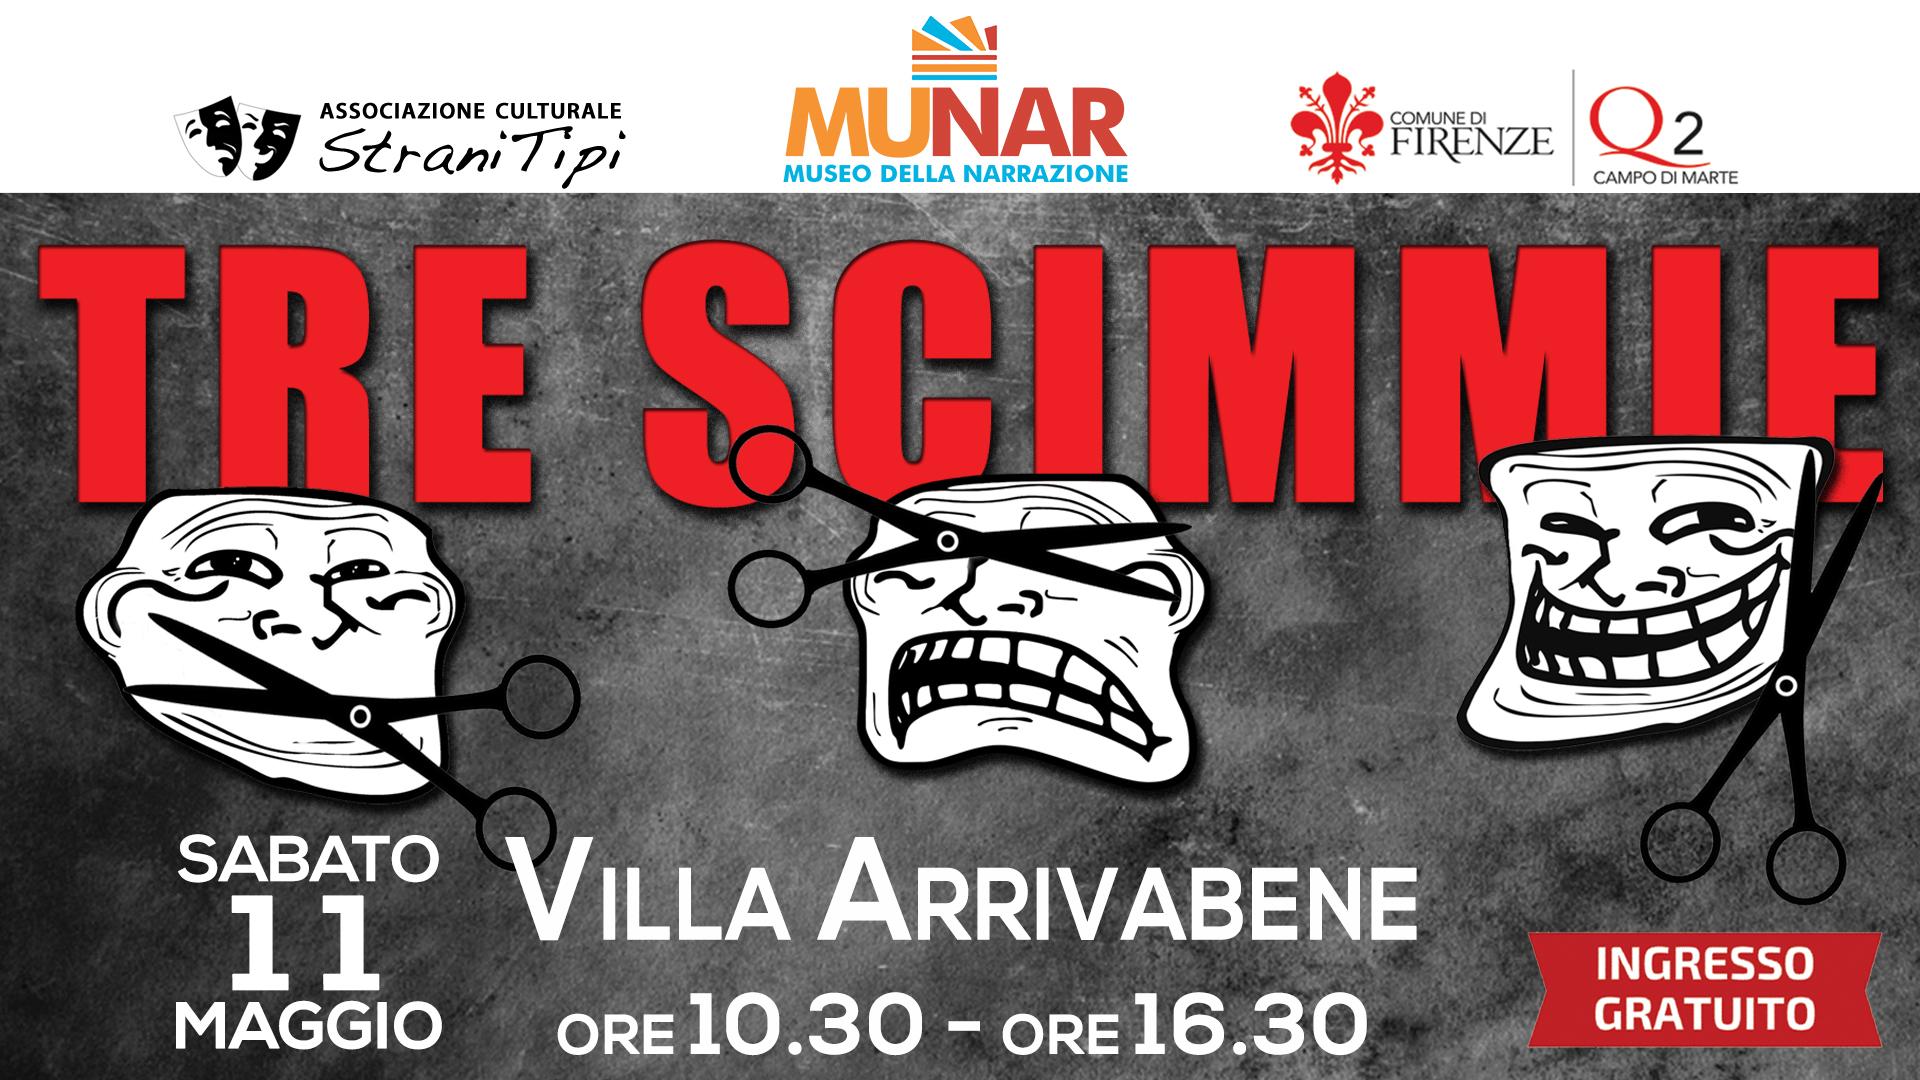 evento-FB-Tre_Scimmie